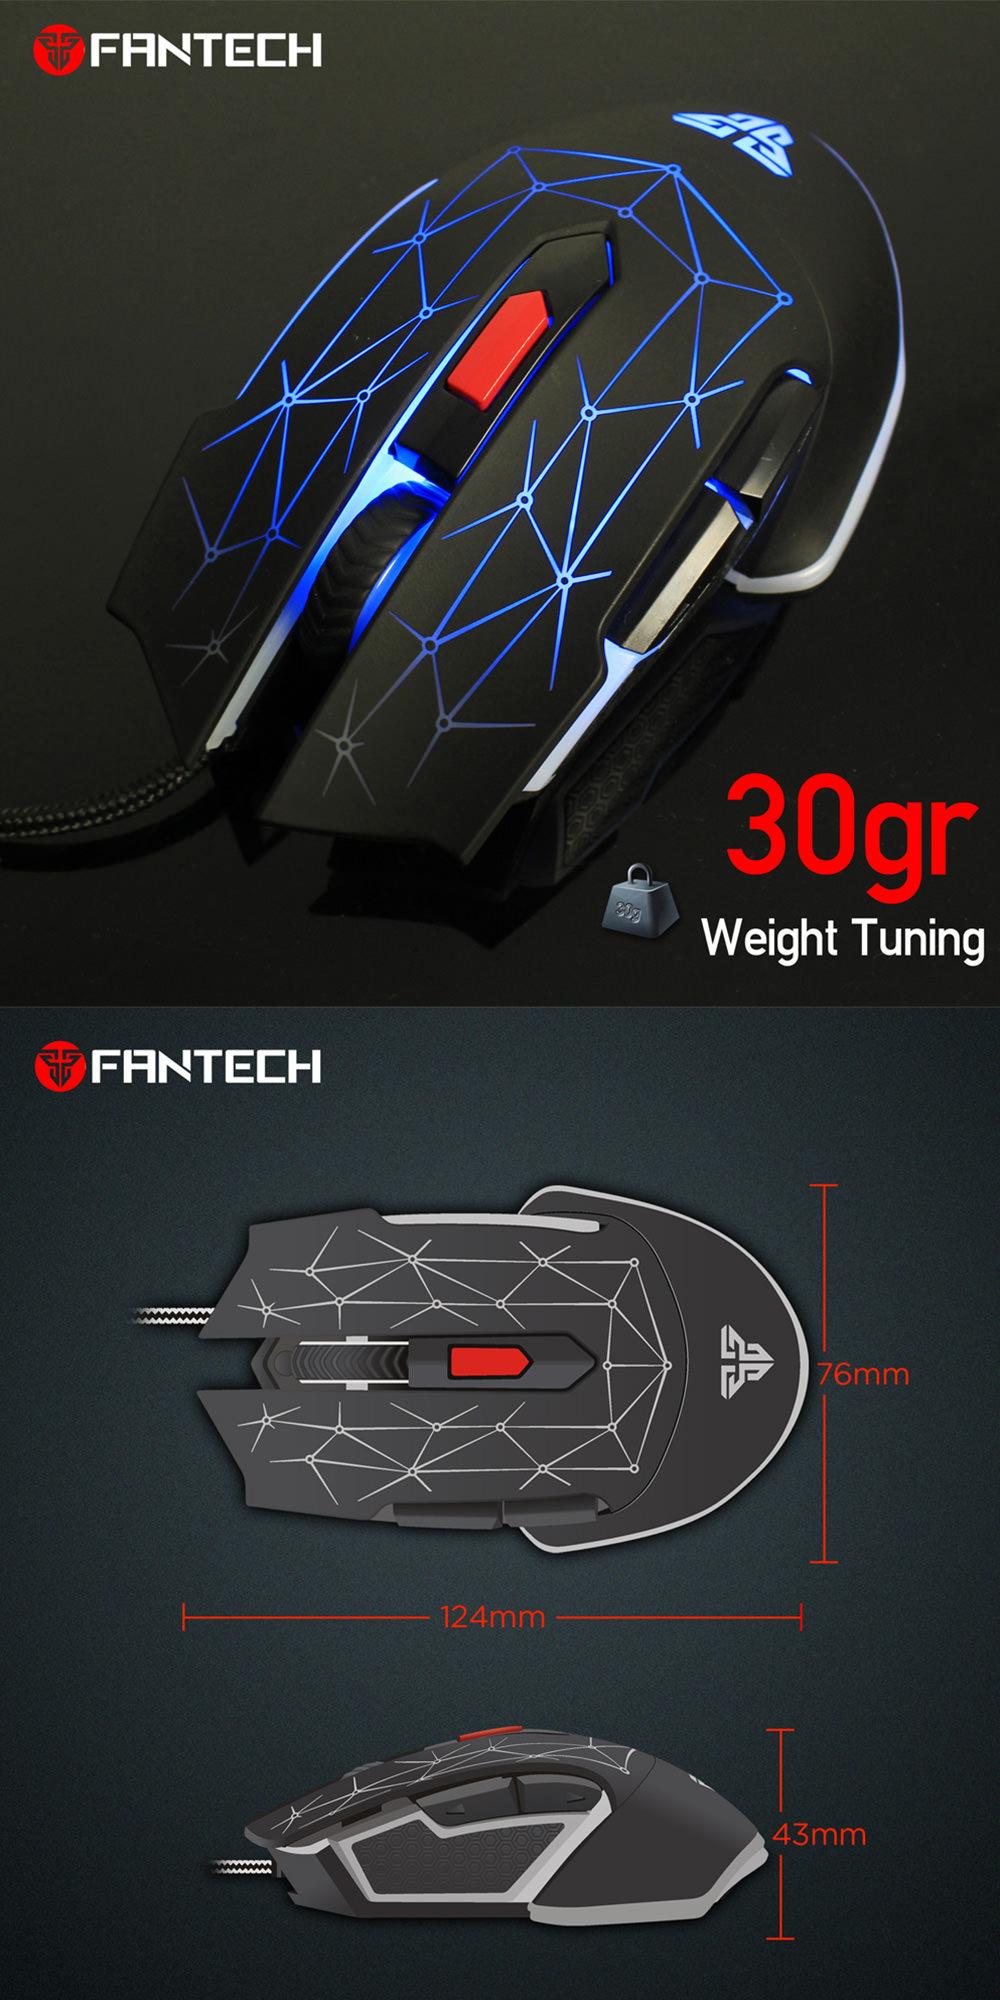 fantech x7 macro rgb mouse